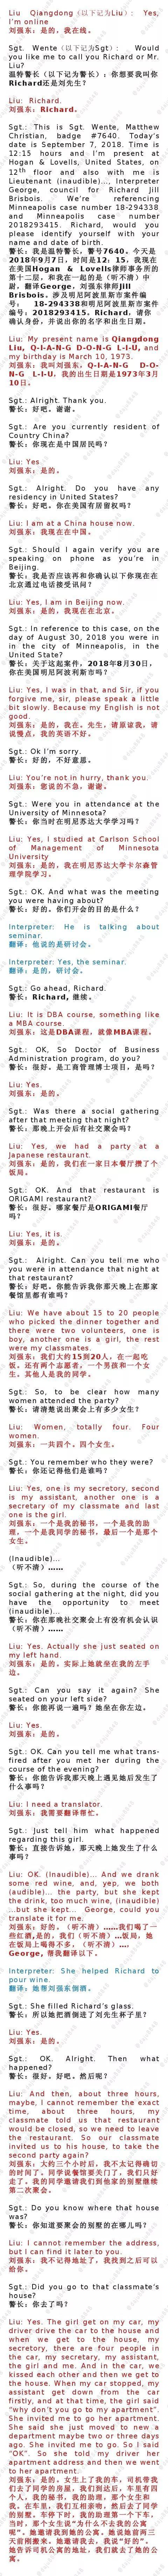 询问录音+文字实录|刘强东涉嫌性侵案分析④